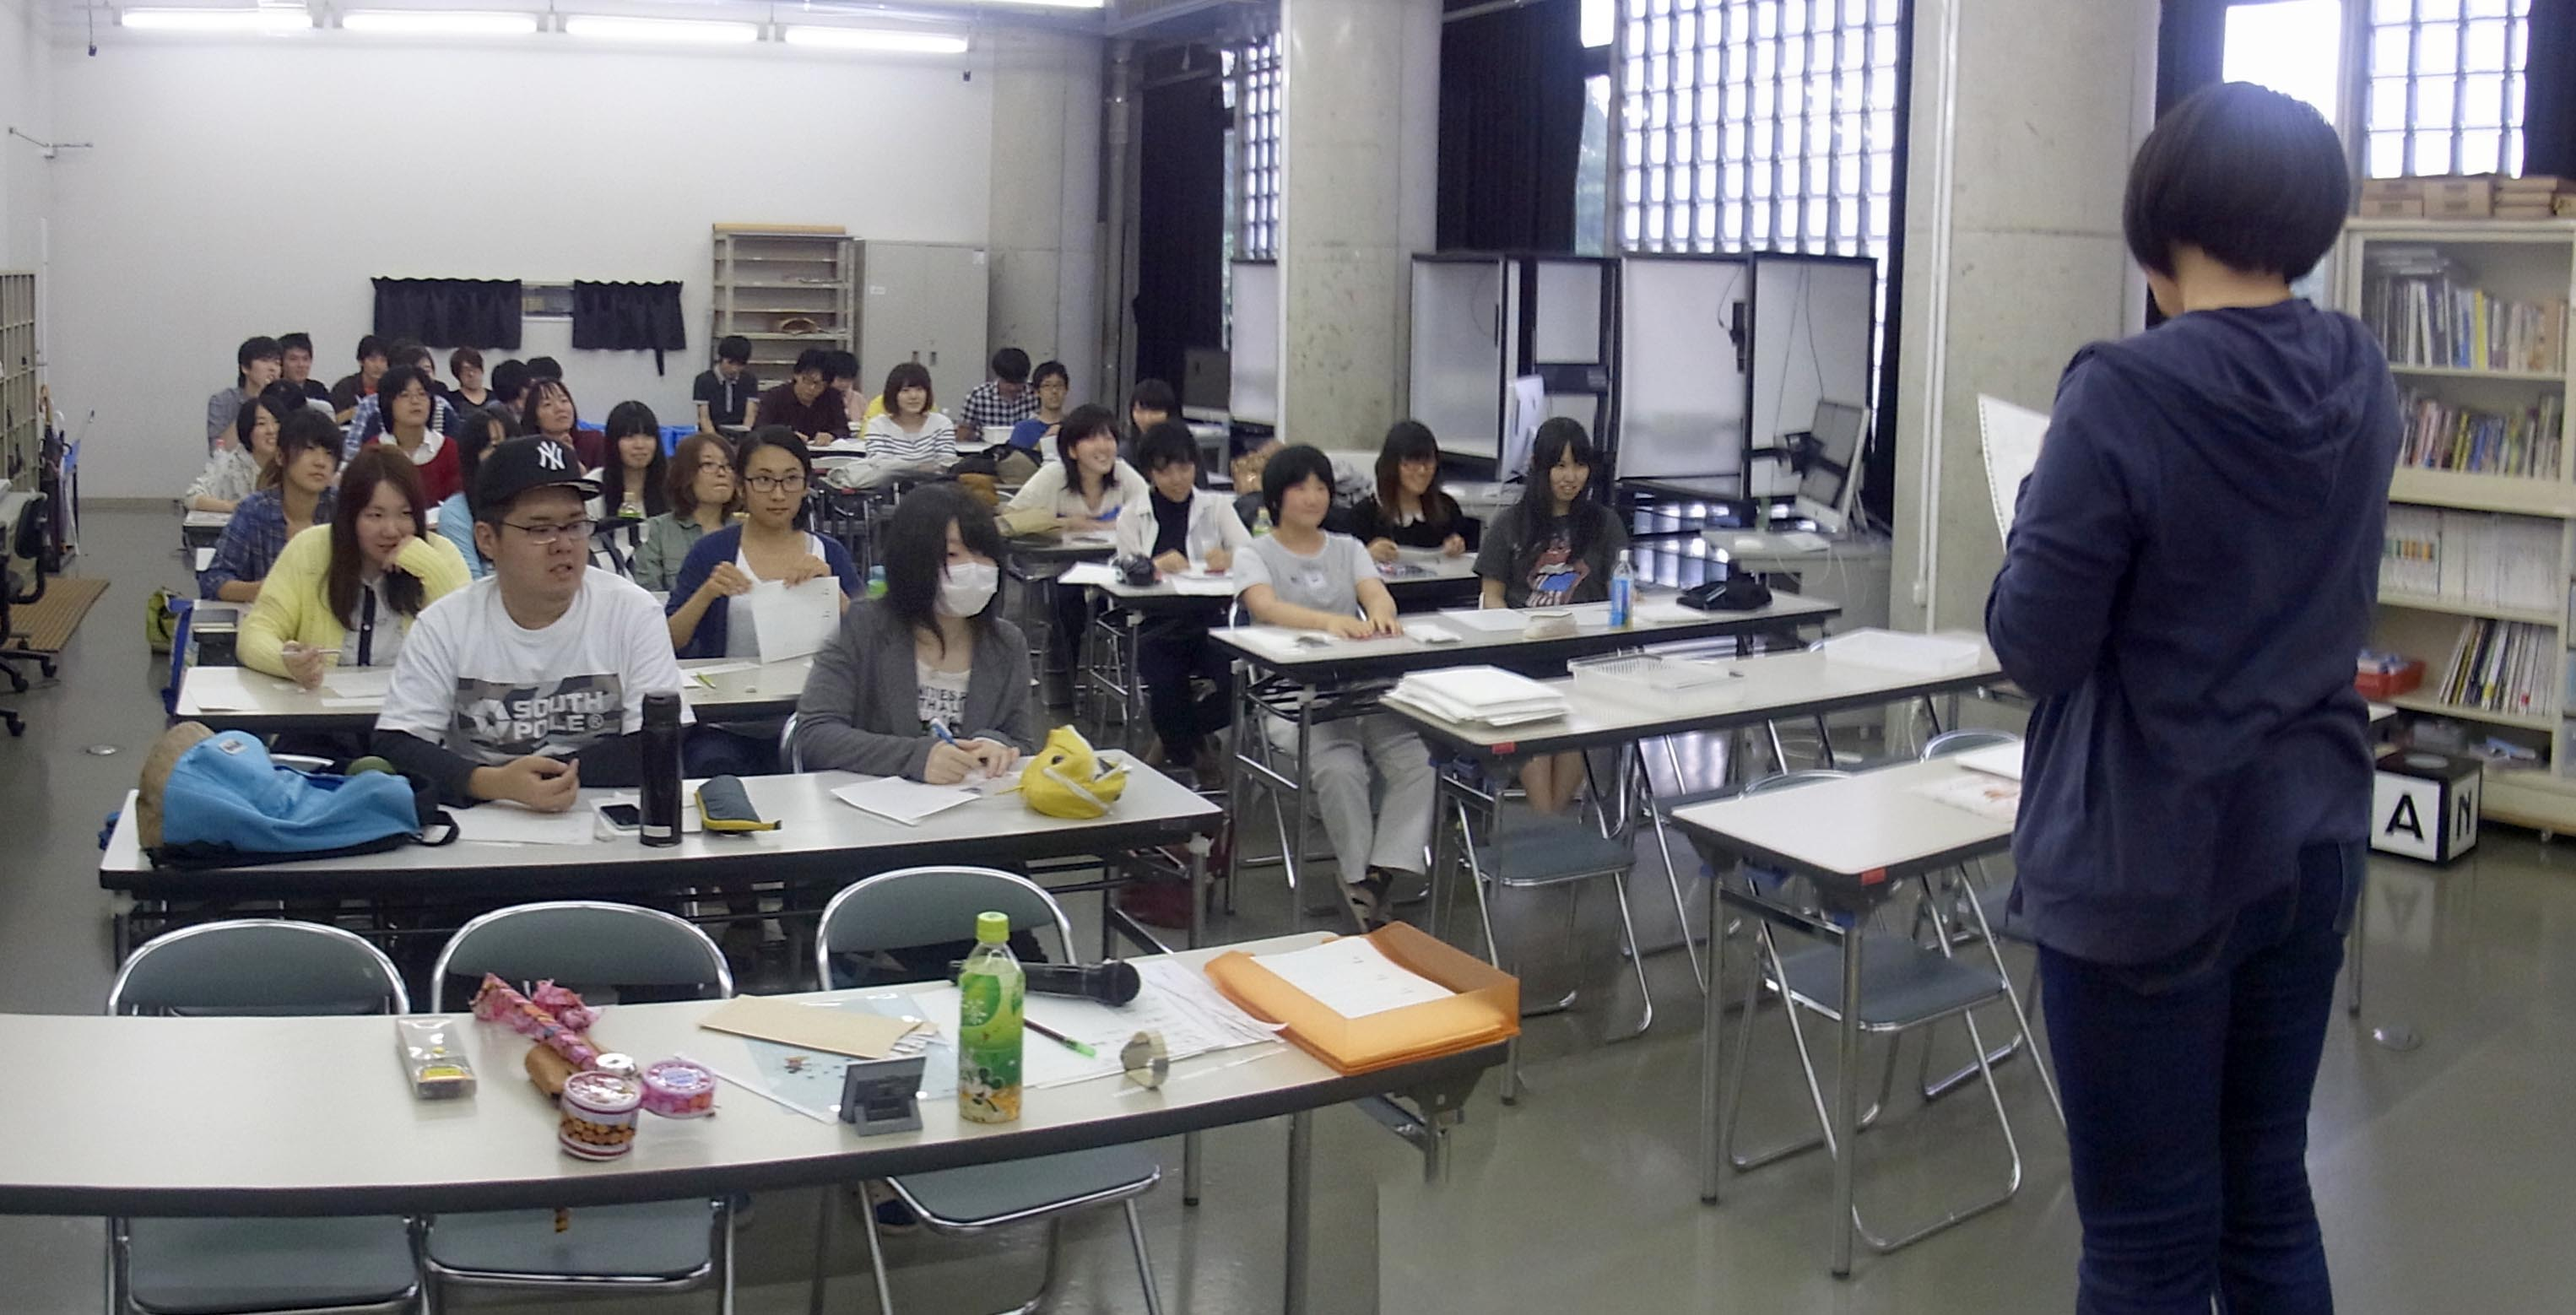 笑顔溢れる授業風景